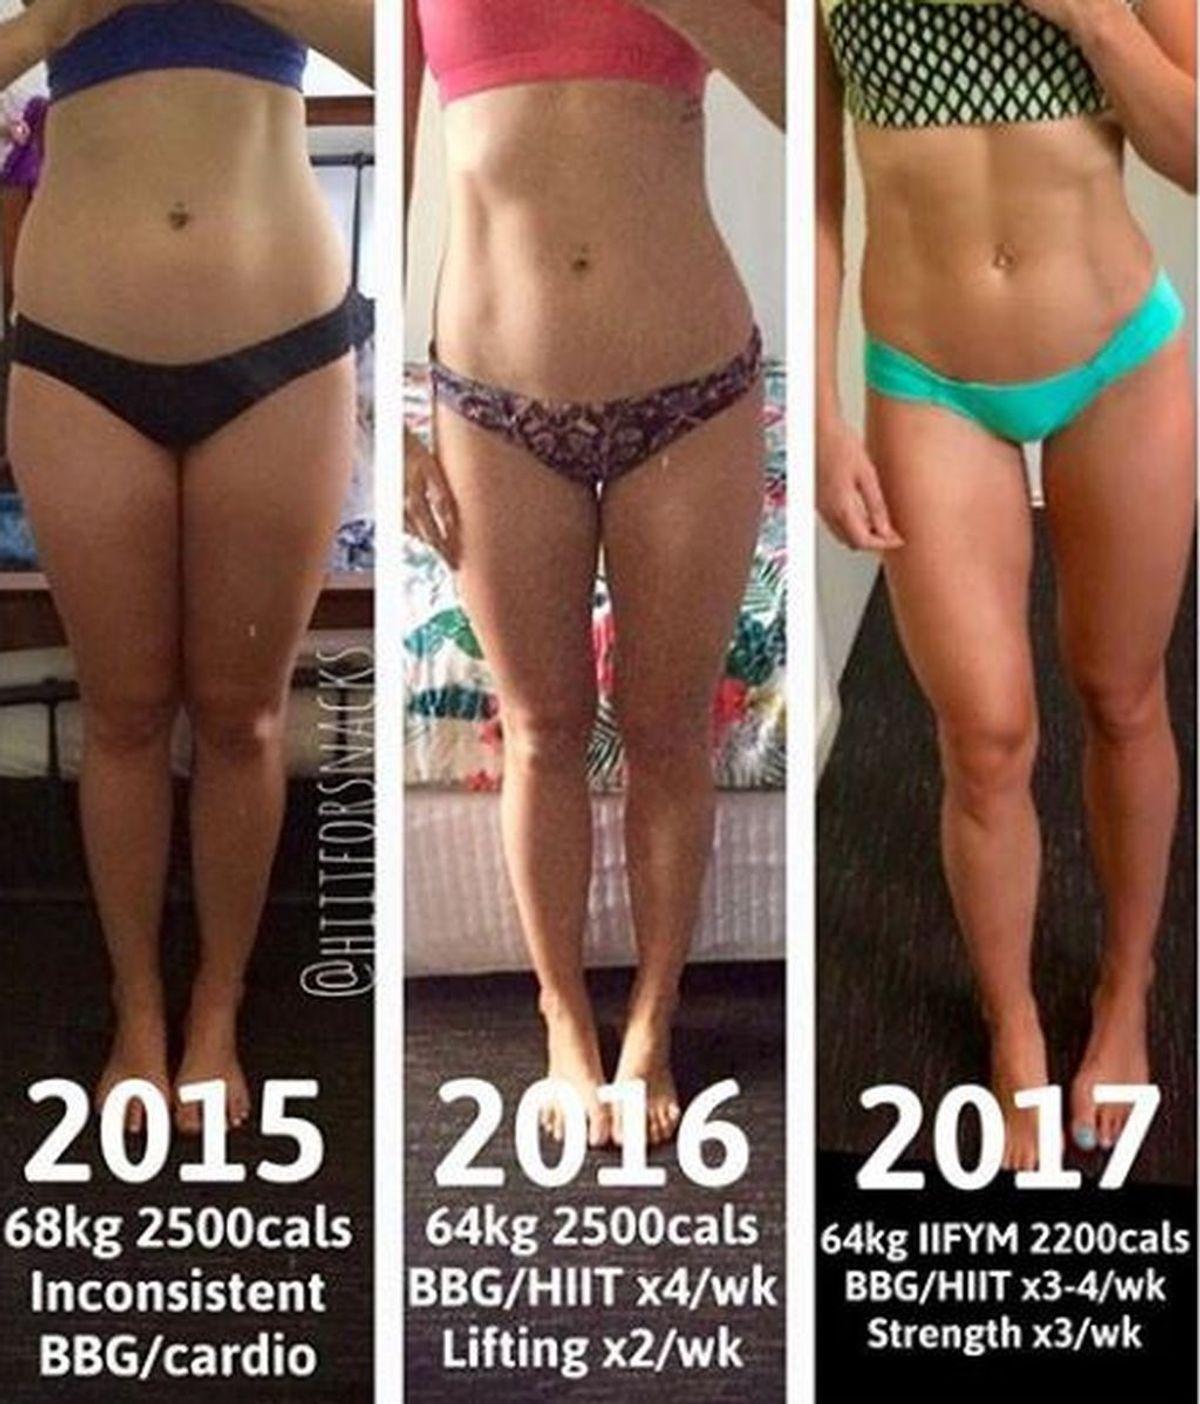 Lo importante a la hora de adelgazar no son los kilos, sino algo más sencillo